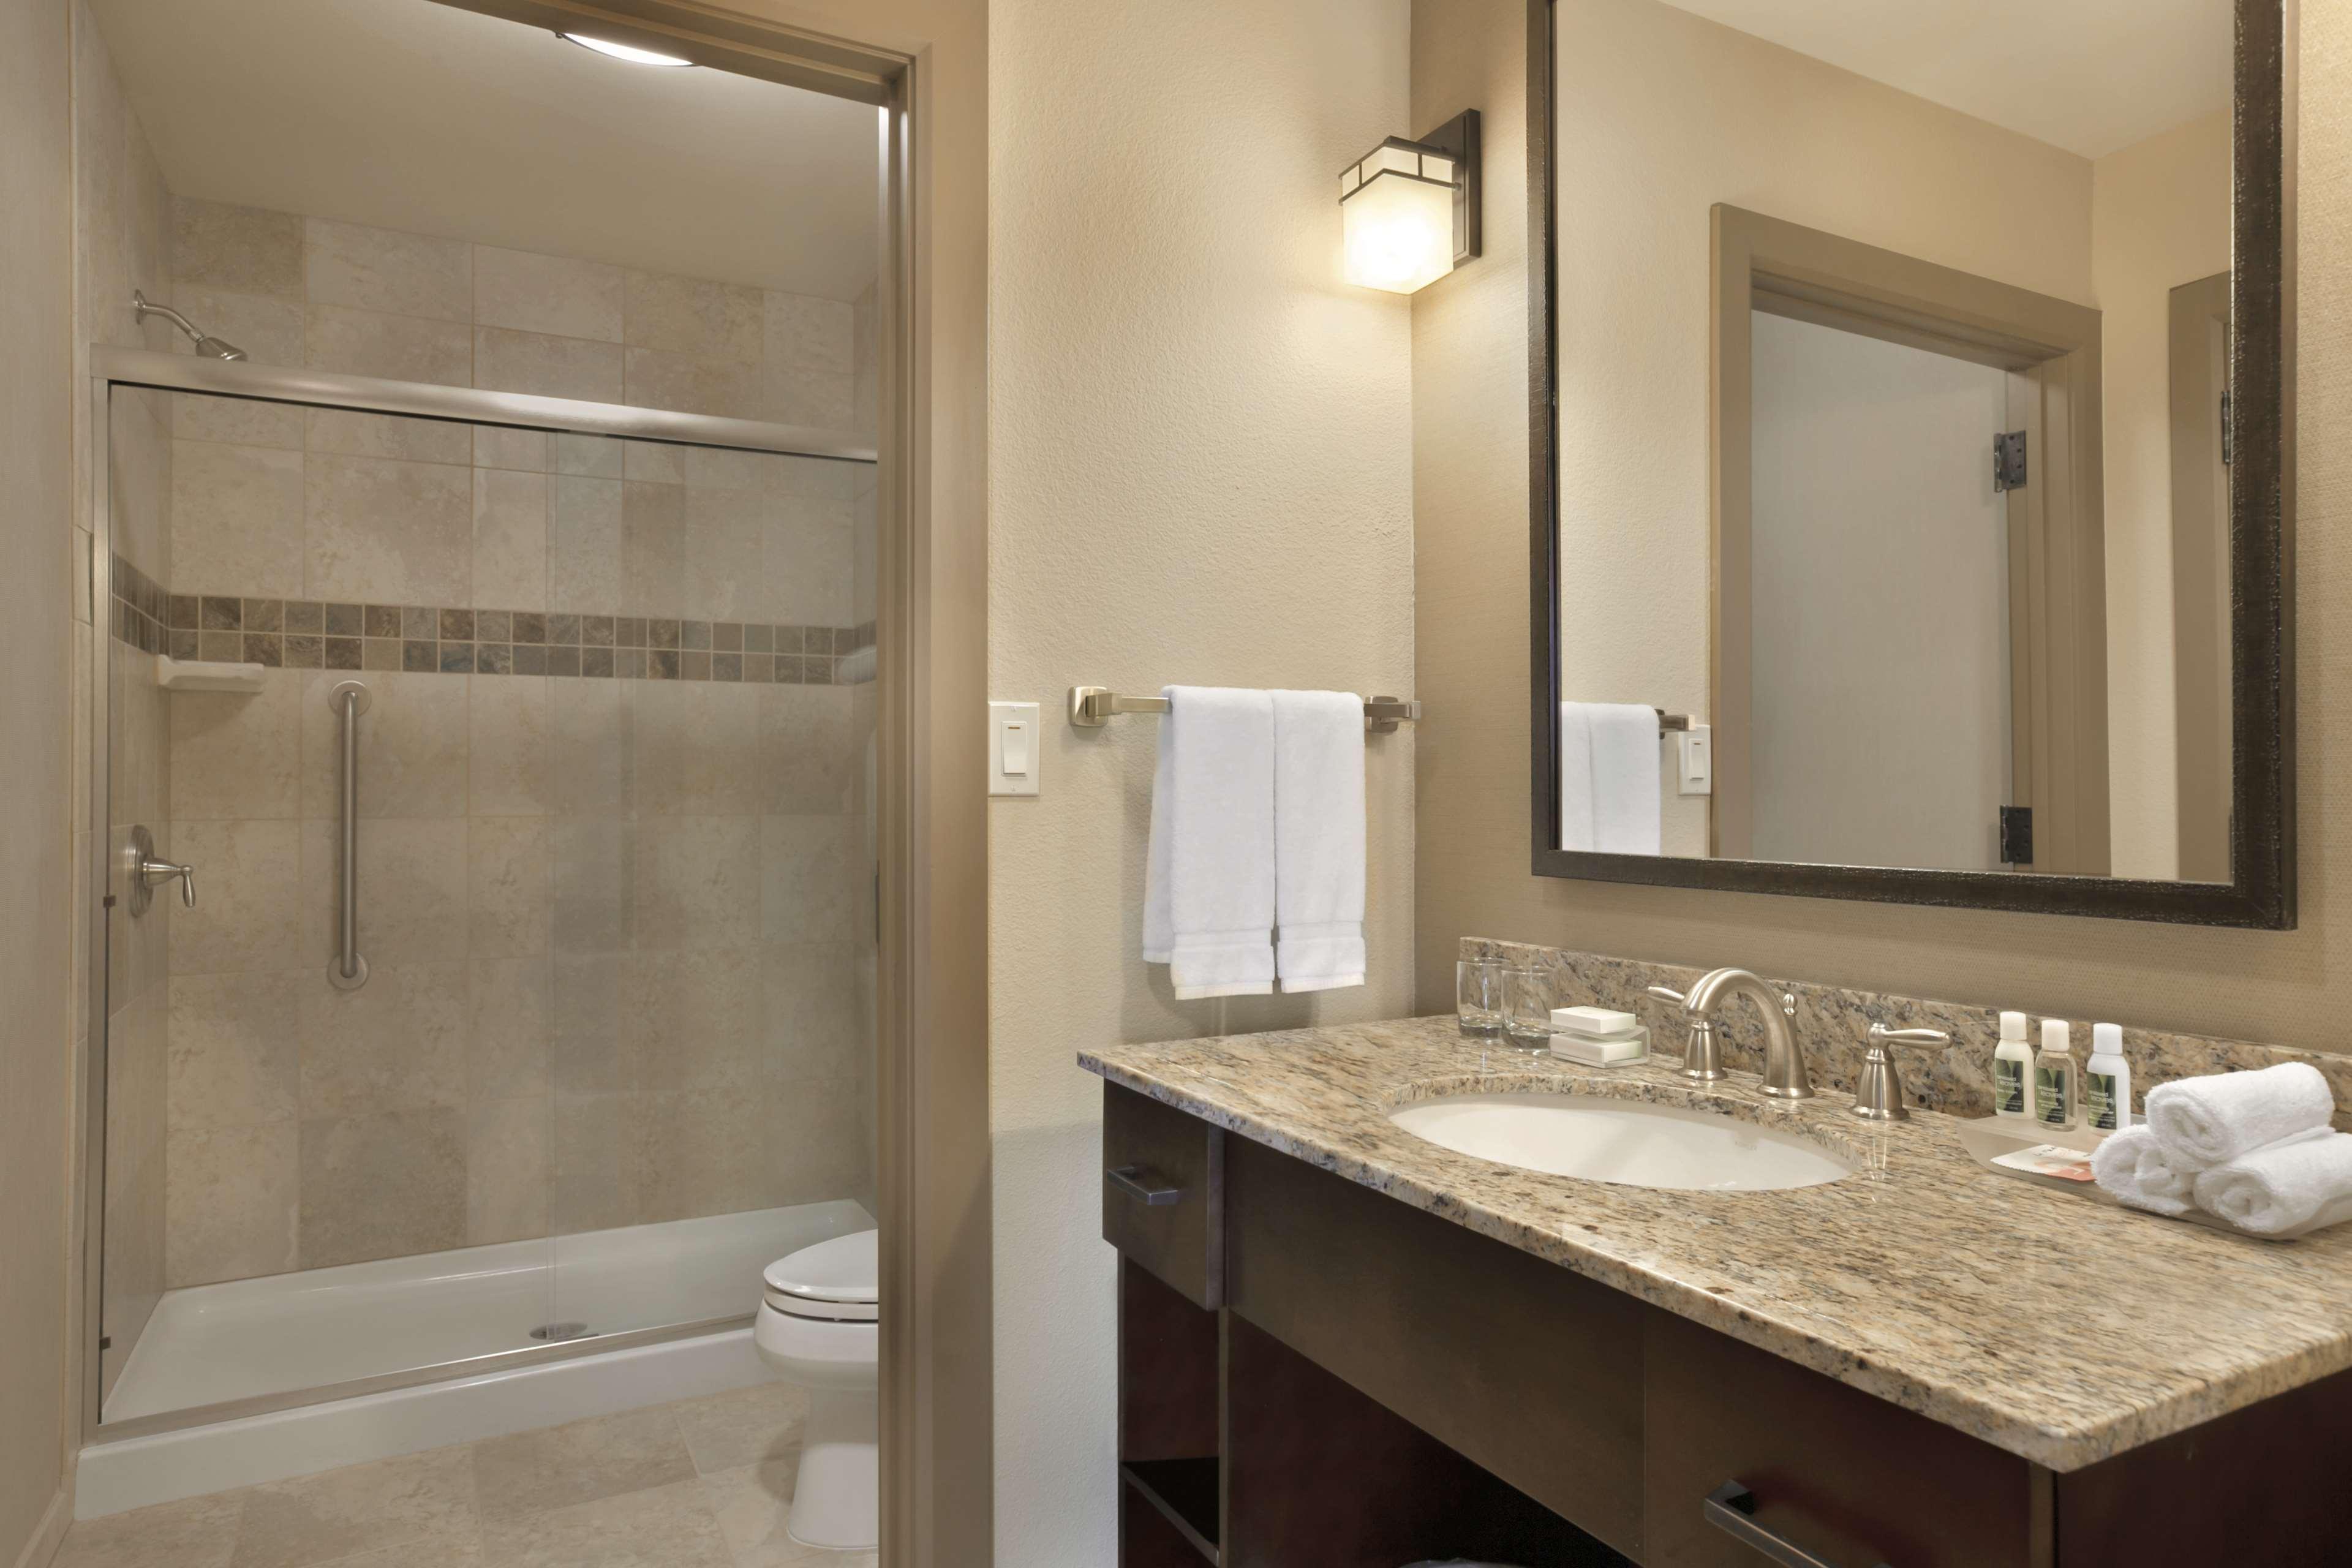 Homewood Suites by Hilton Kalispell, MT image 18